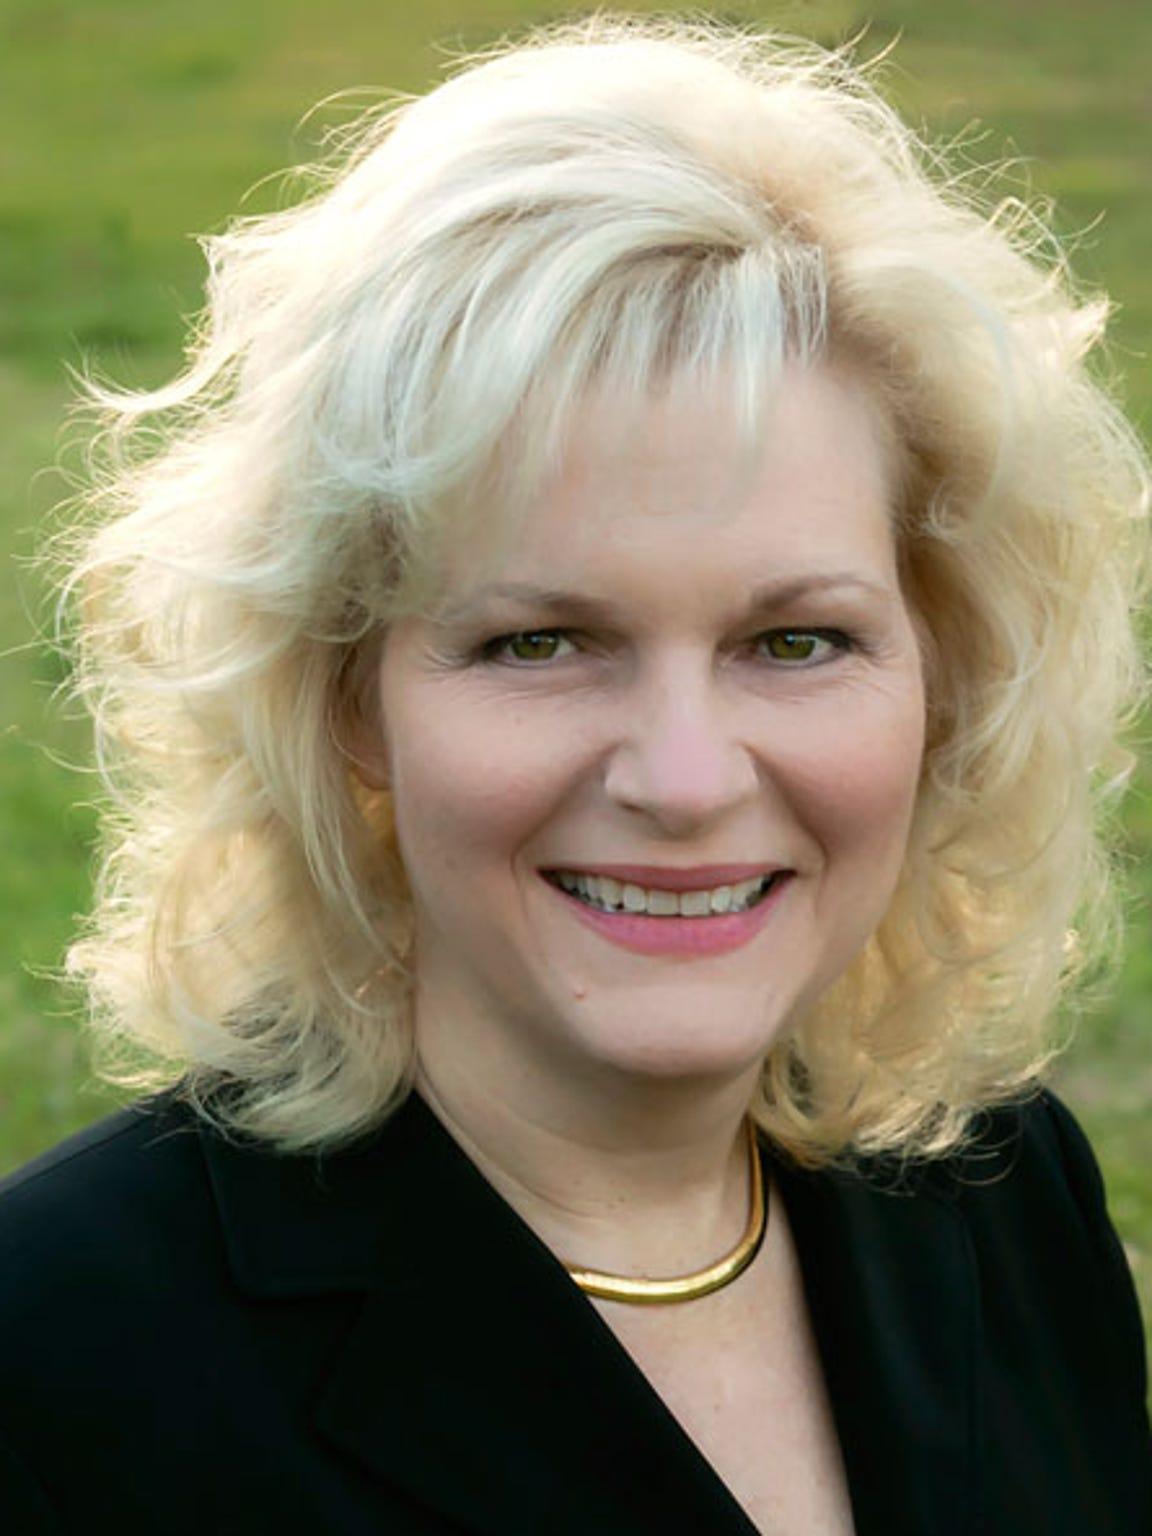 Deborah Franklin, senior director of quality affairs for the Florida Health Care Association